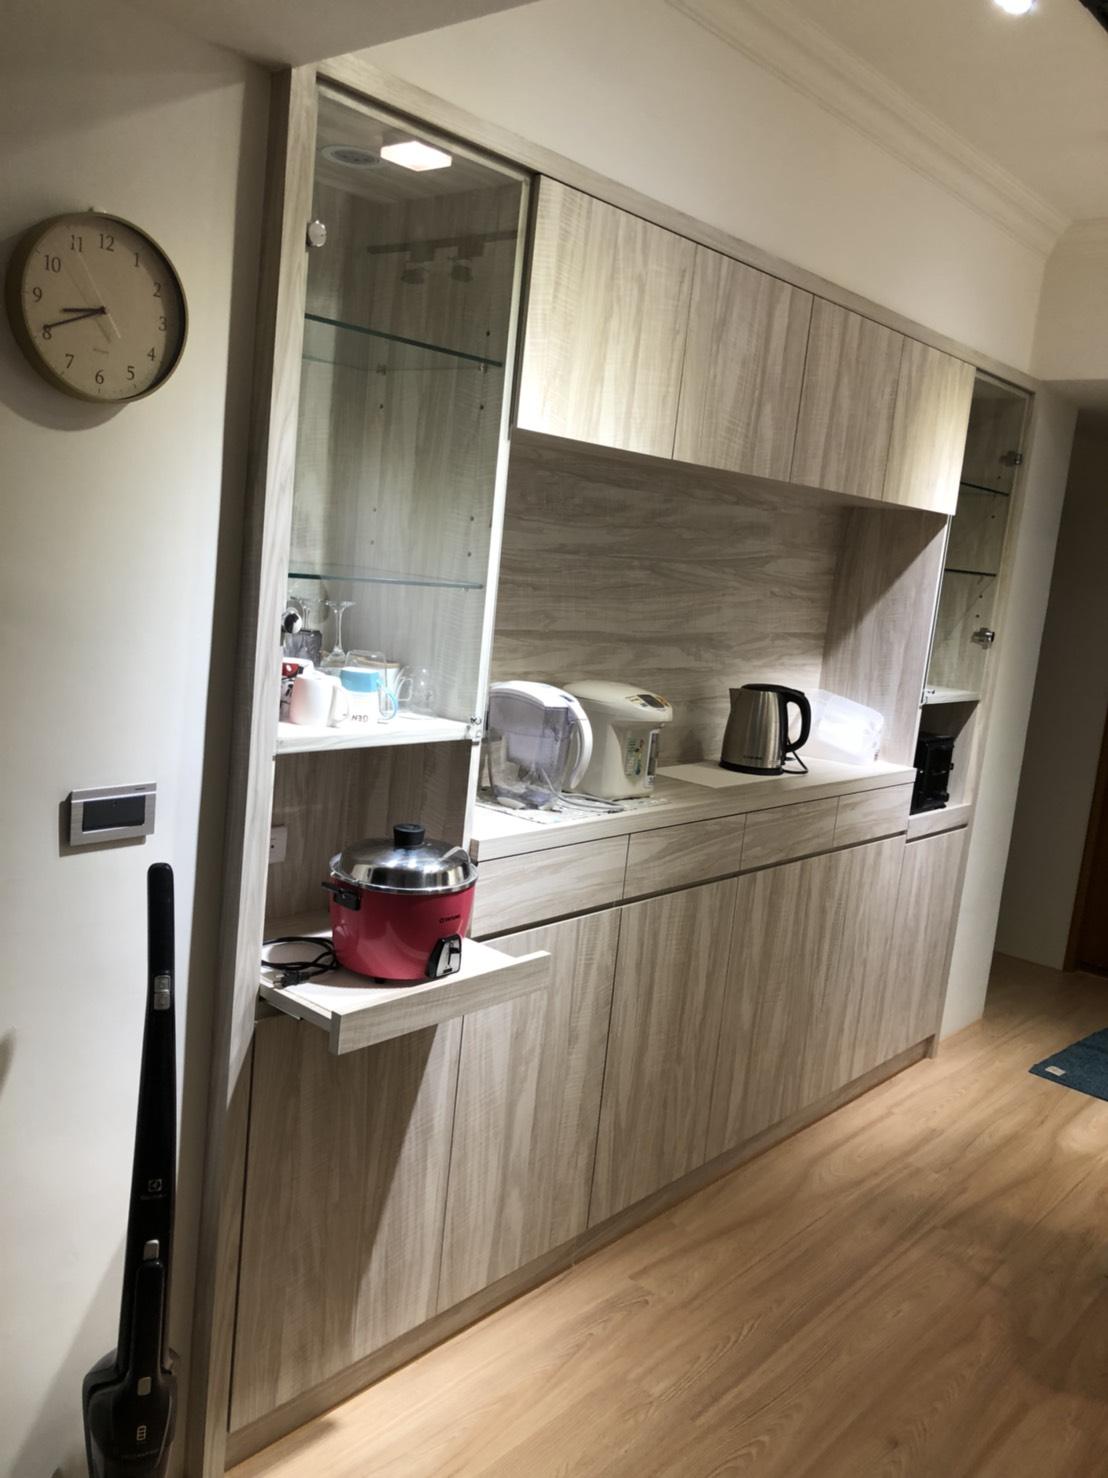 台北市住家室內裝潢衣櫃系統櫃木工 (21)